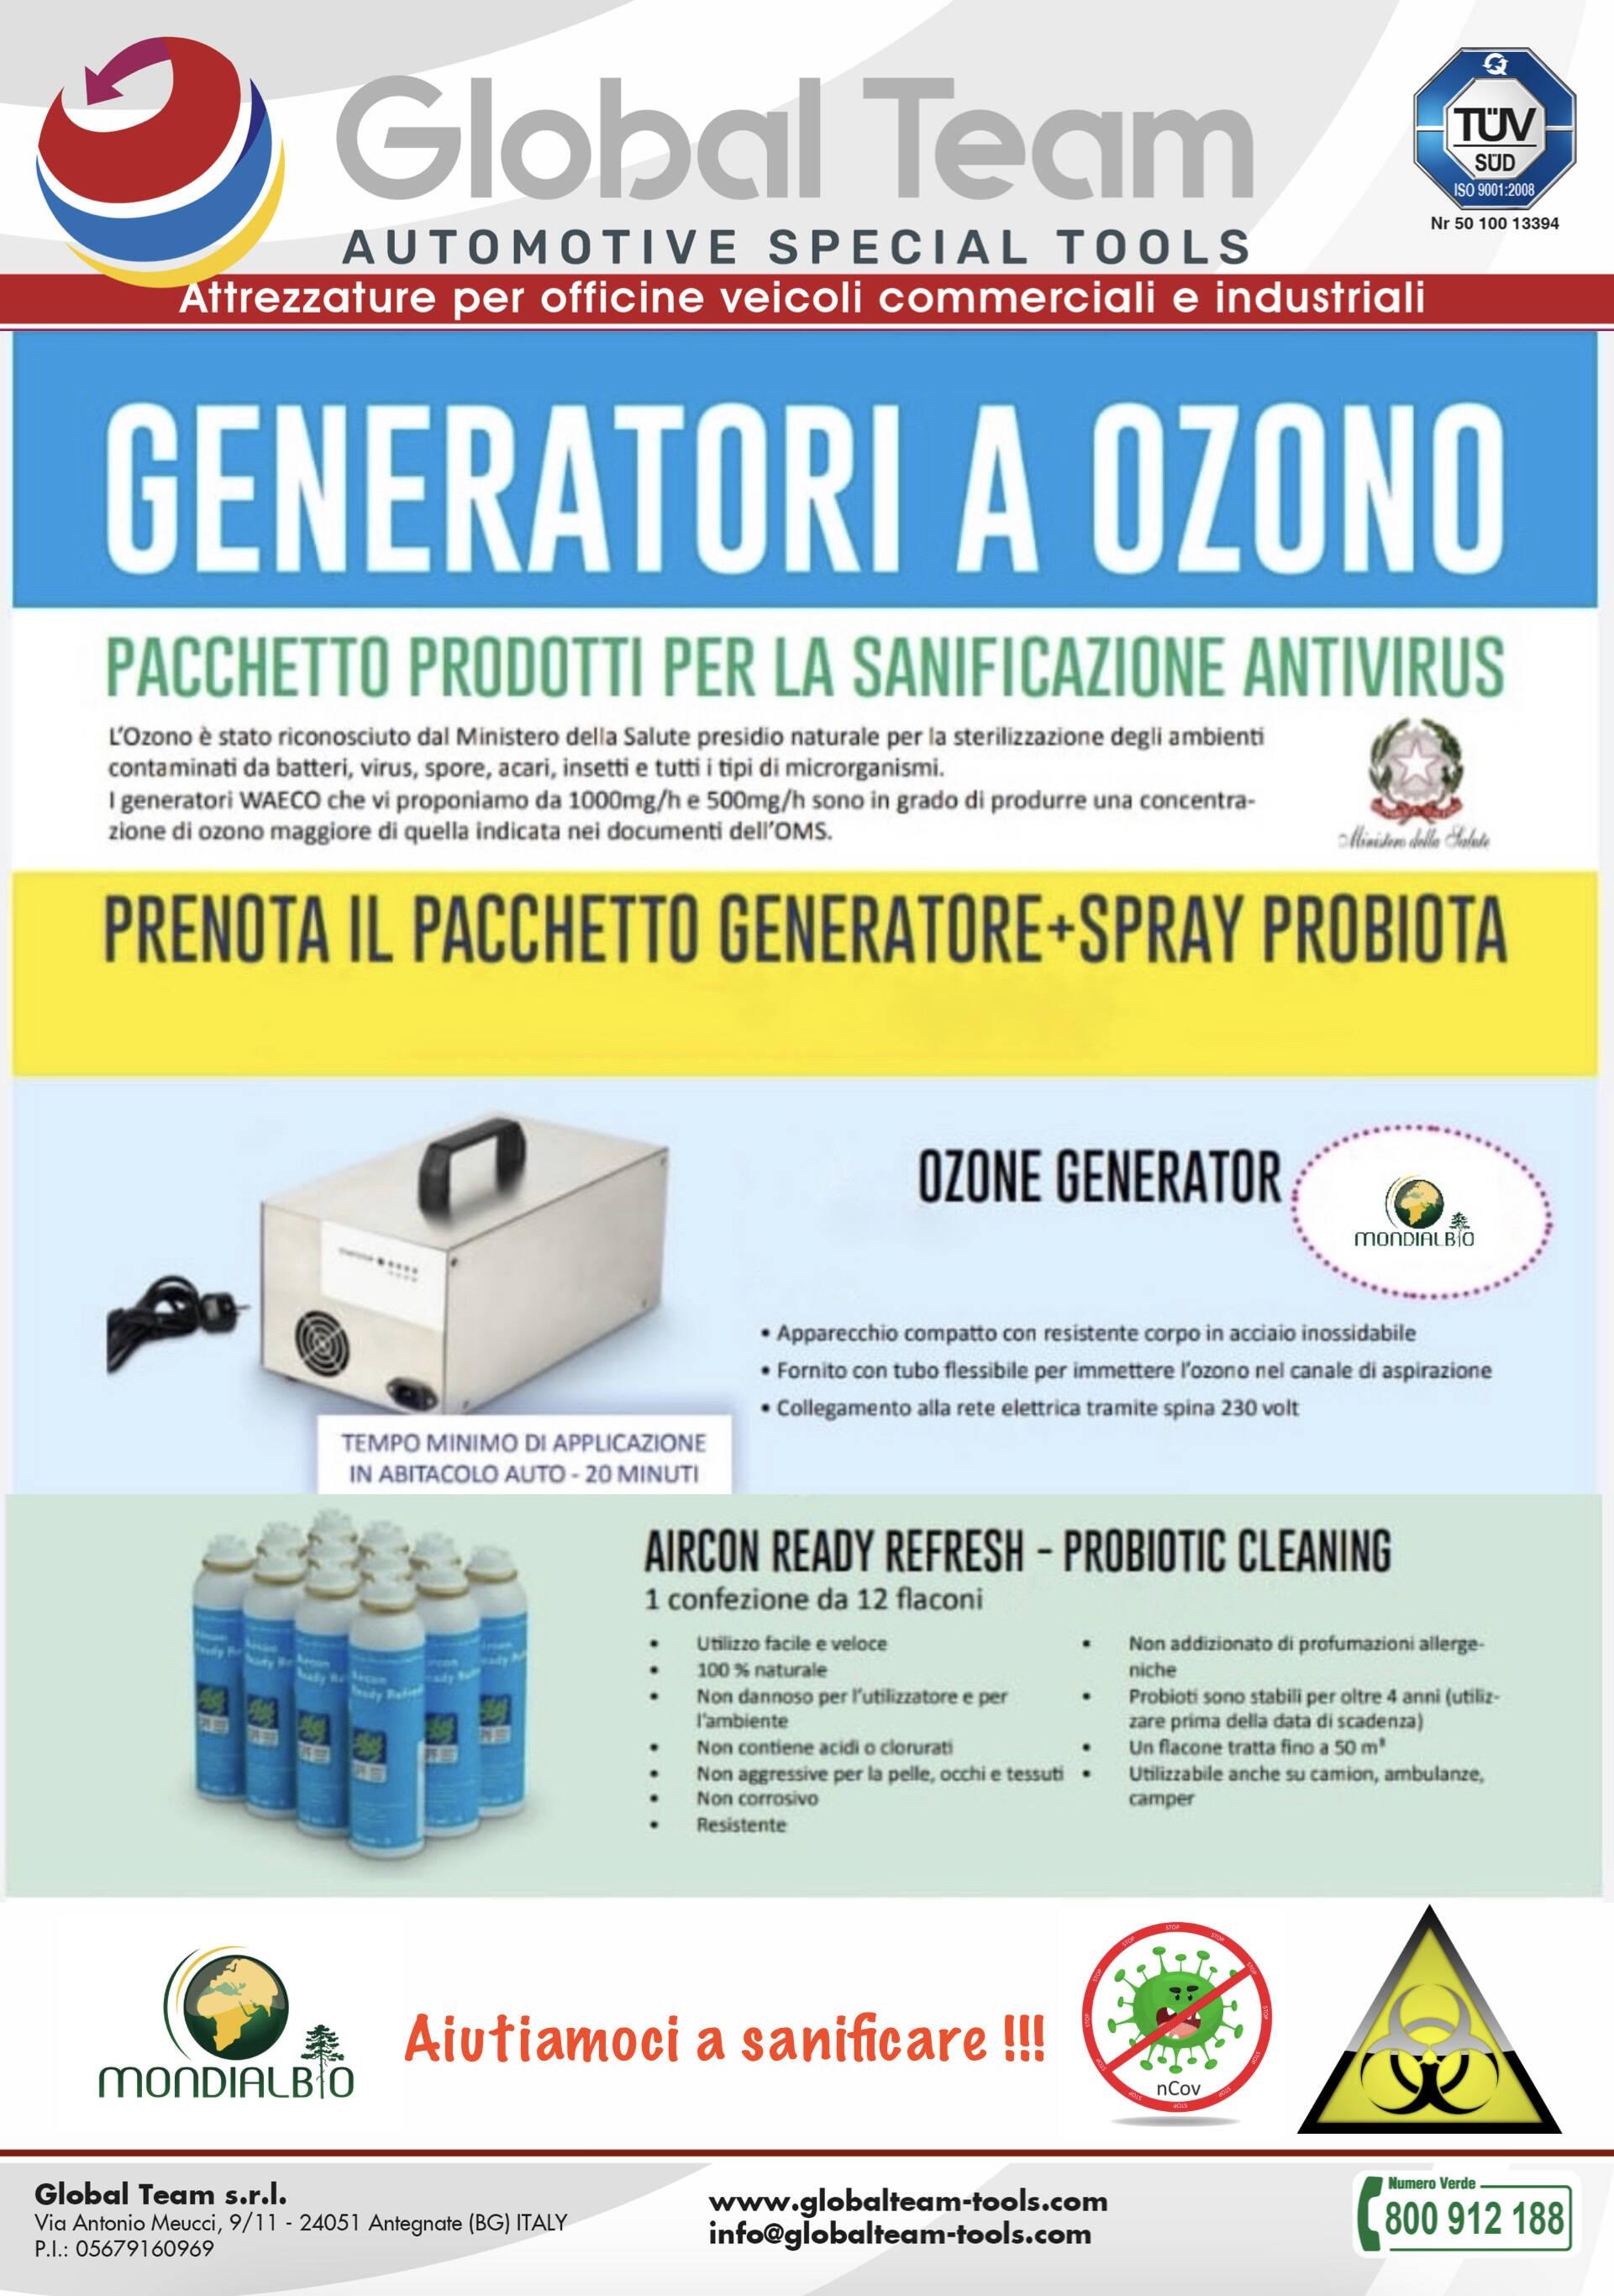 Promo causa Covit-19 sanificatore ad generazione e Ozono - Attenzione questo modello speciale per automotive dedicato